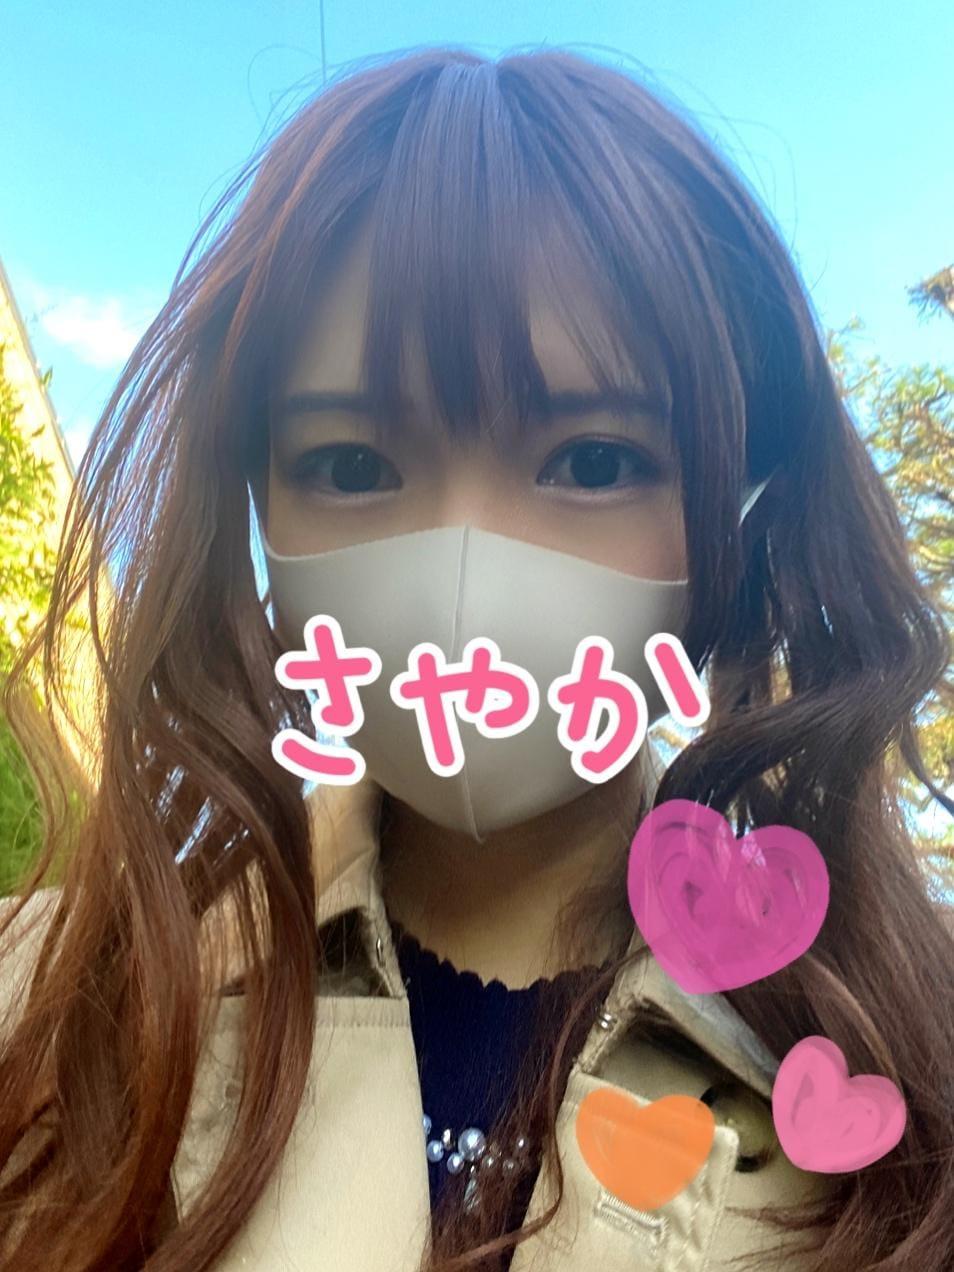 「お礼の続きです☆さやか」02/27(土) 21:39 | 新人 さやかサンの写メ・風俗動画